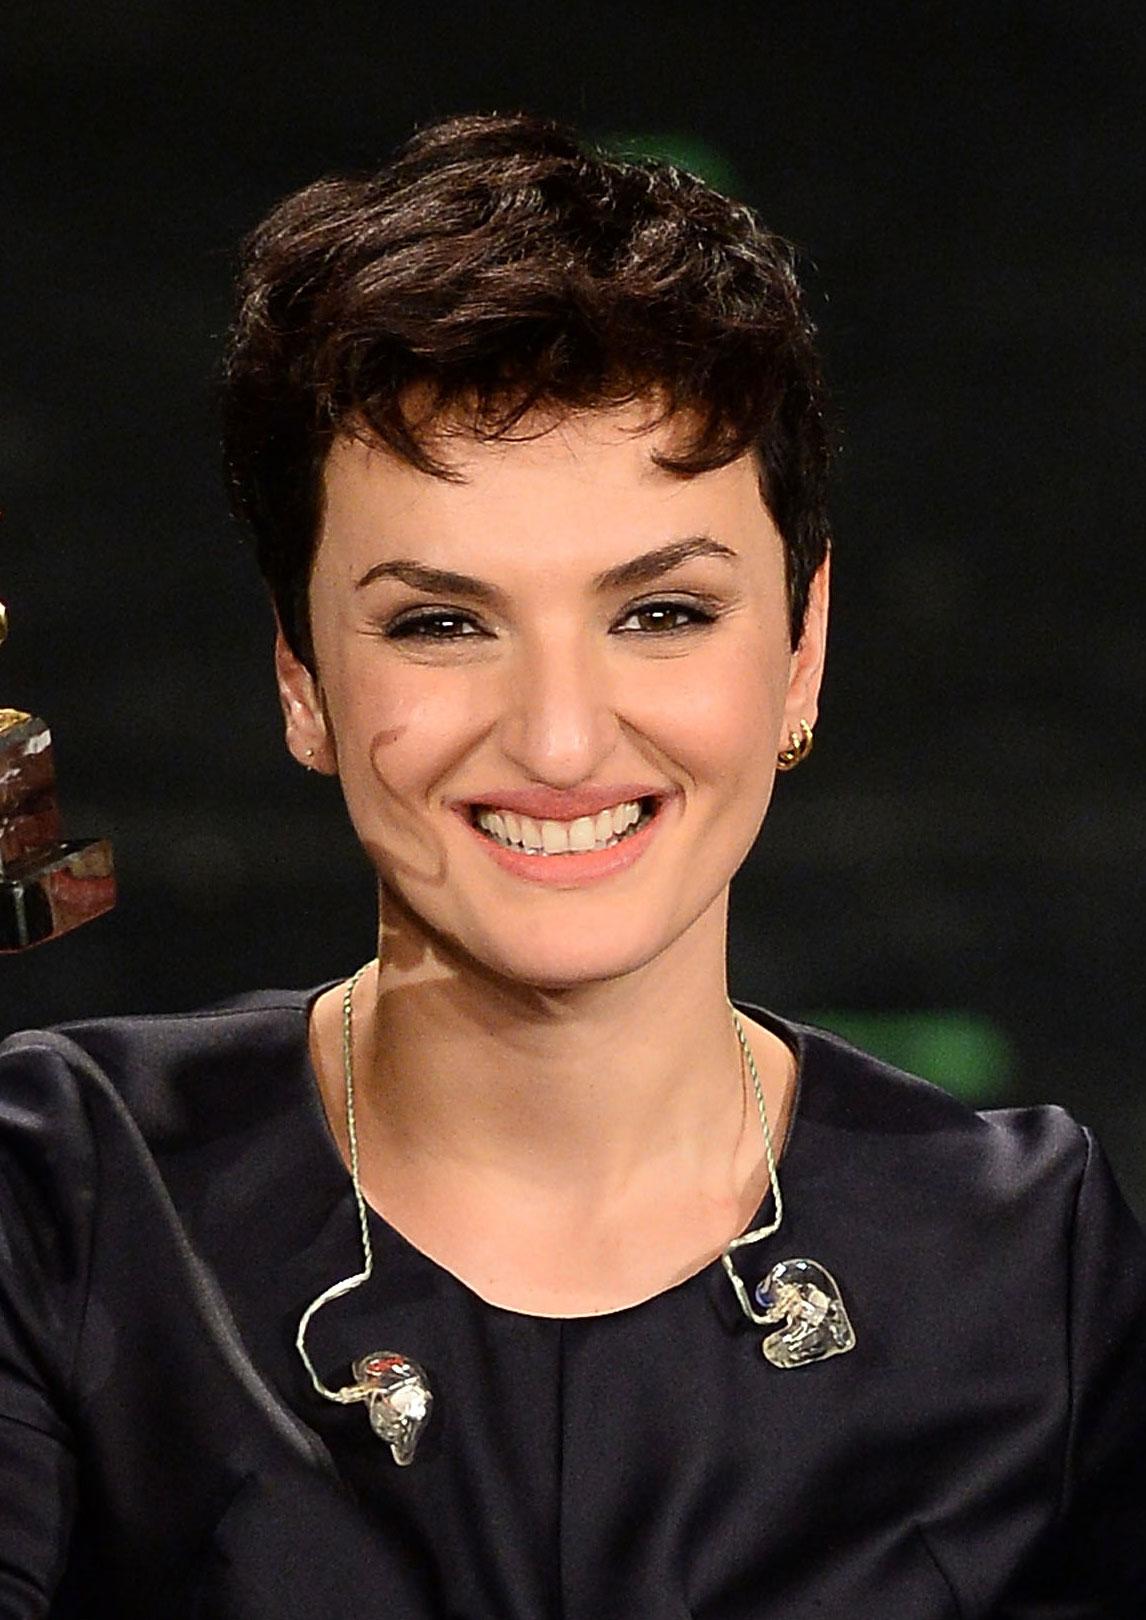 Il taglio corto e sexy di Arisa vincitrice di Sanremo 2014